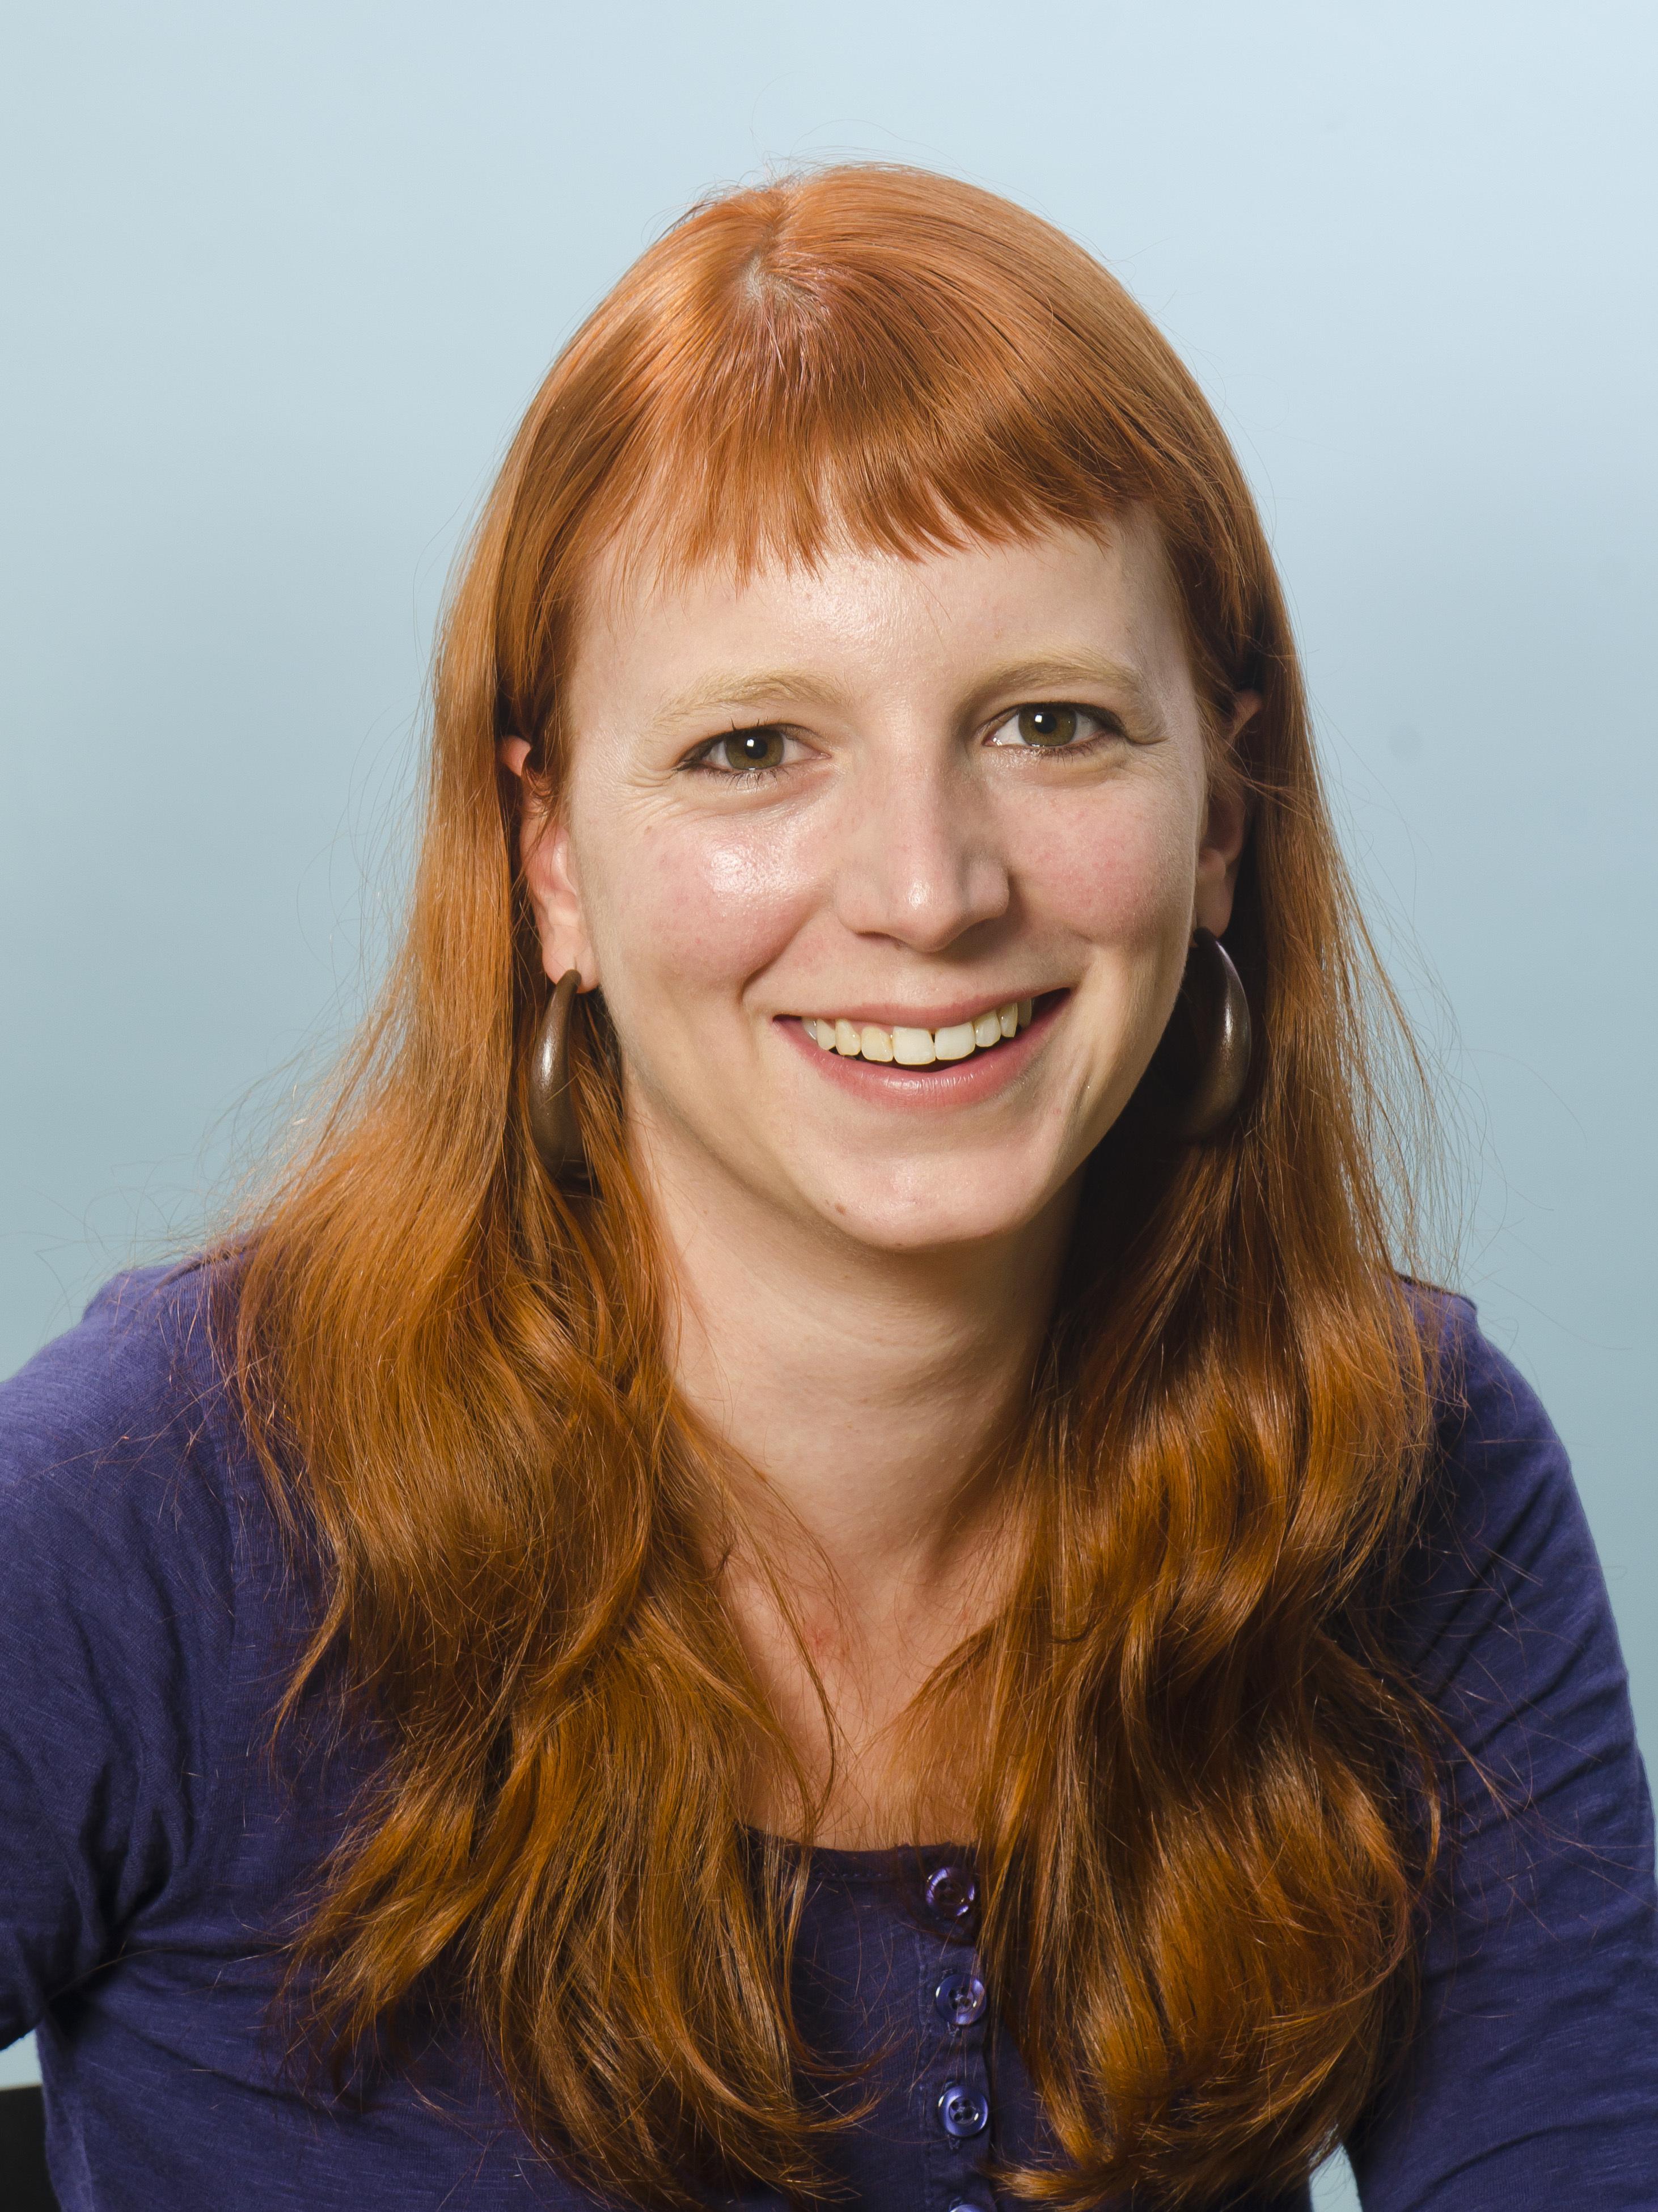 Baur Melanie